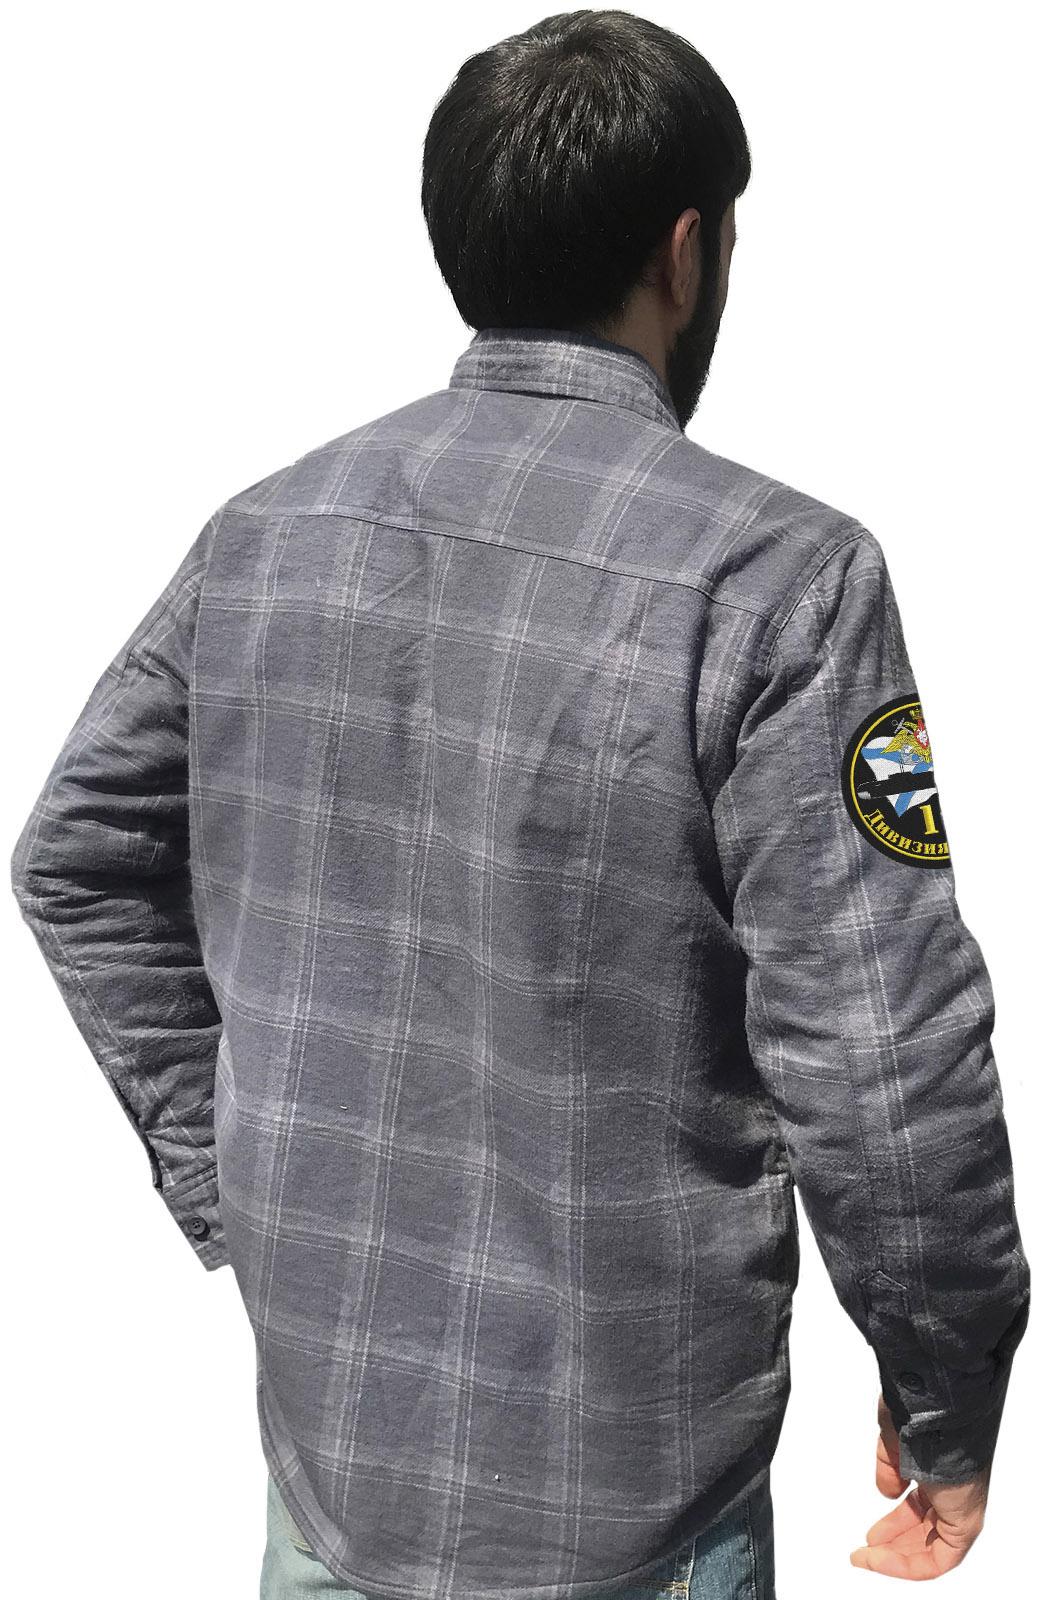 Практичная мужская рубашка с эмблемой 11-ой Дивизии ЦЛА СФ заказать с доставкой